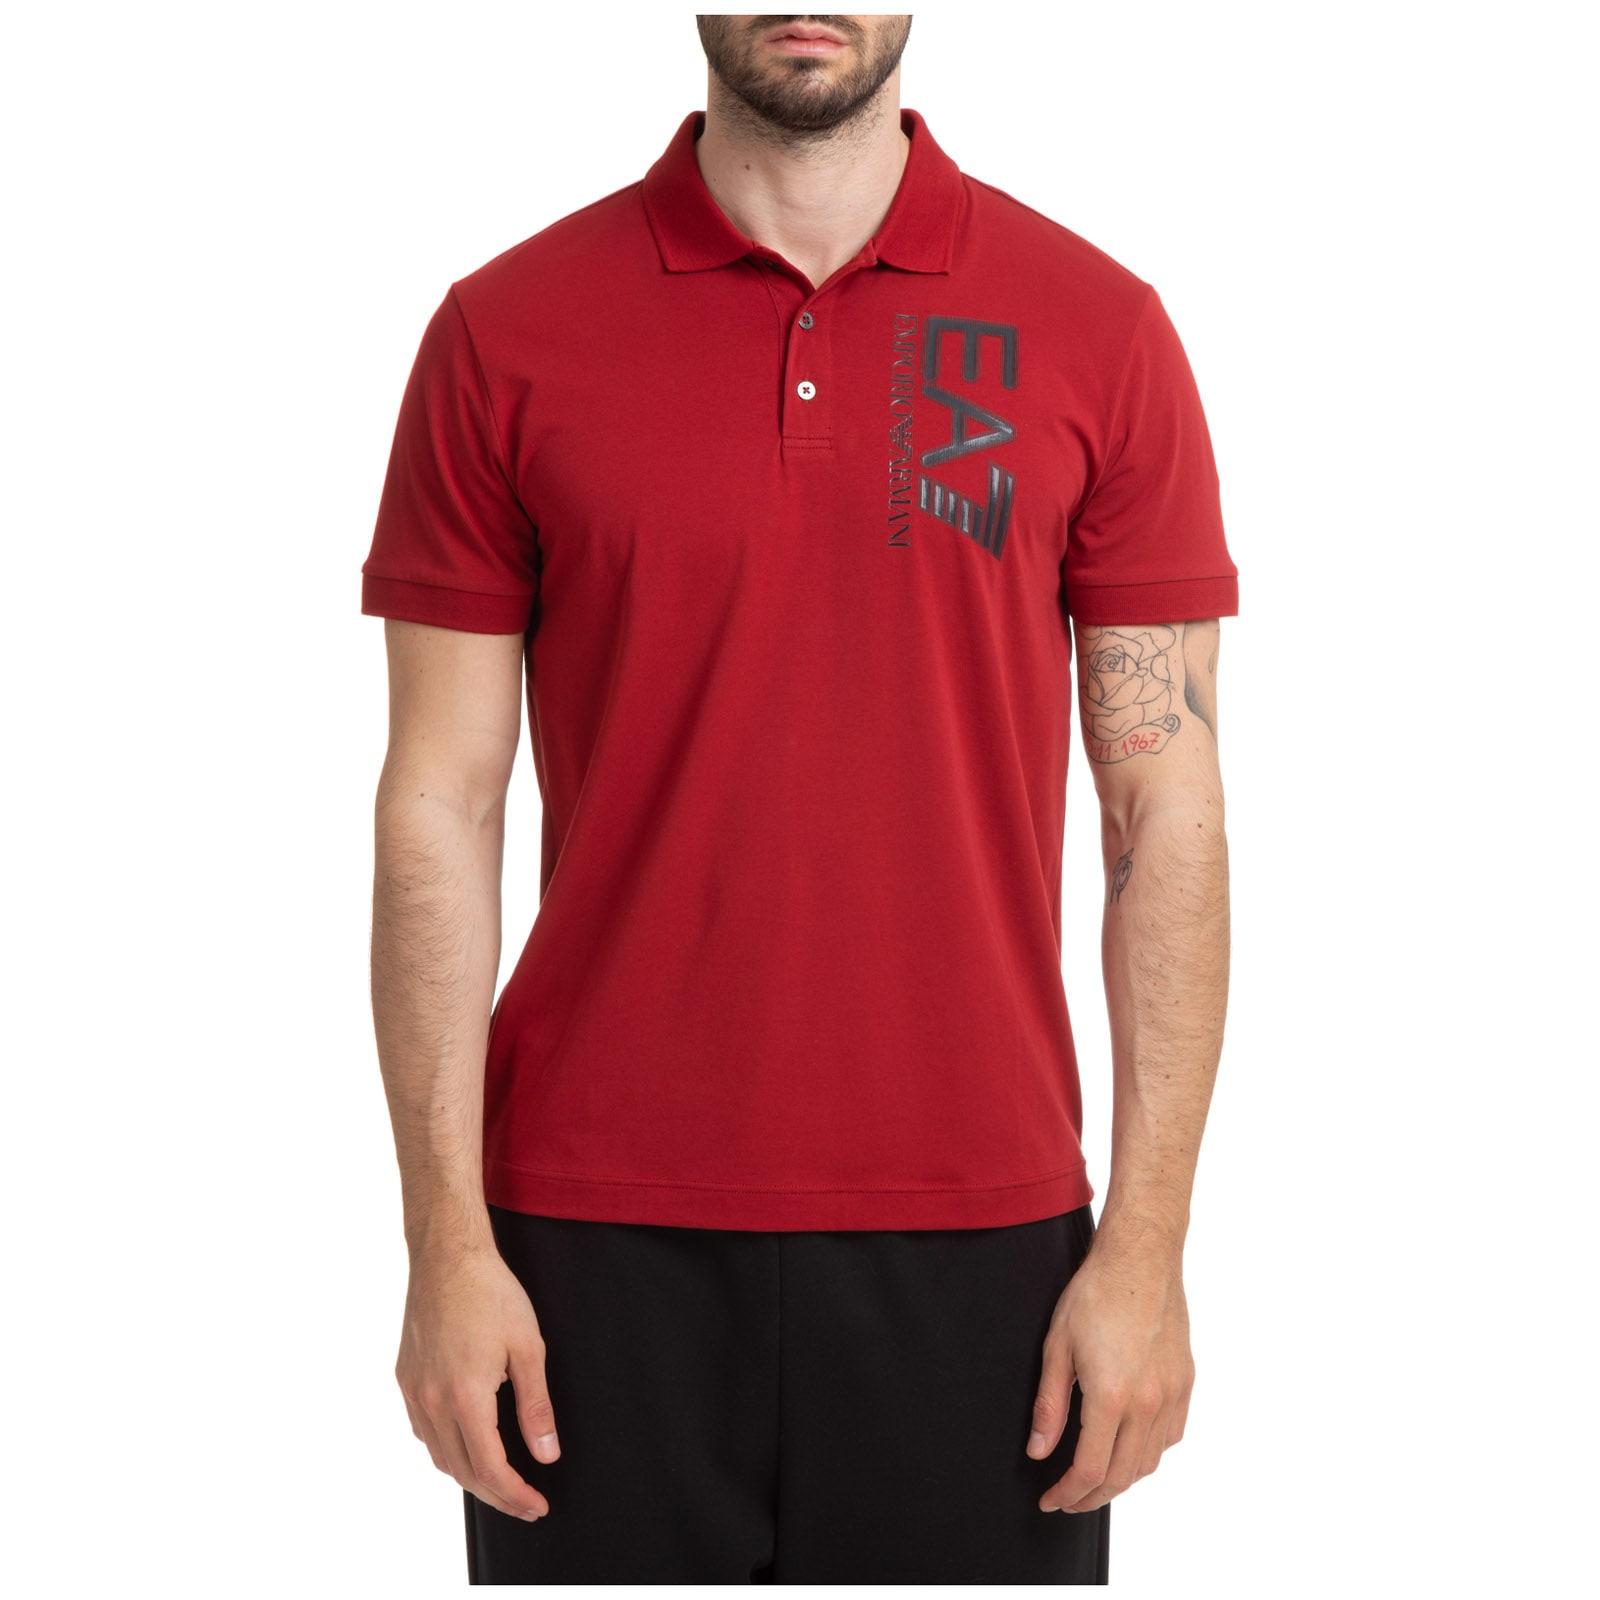 Ardor 7 Polo Shirts